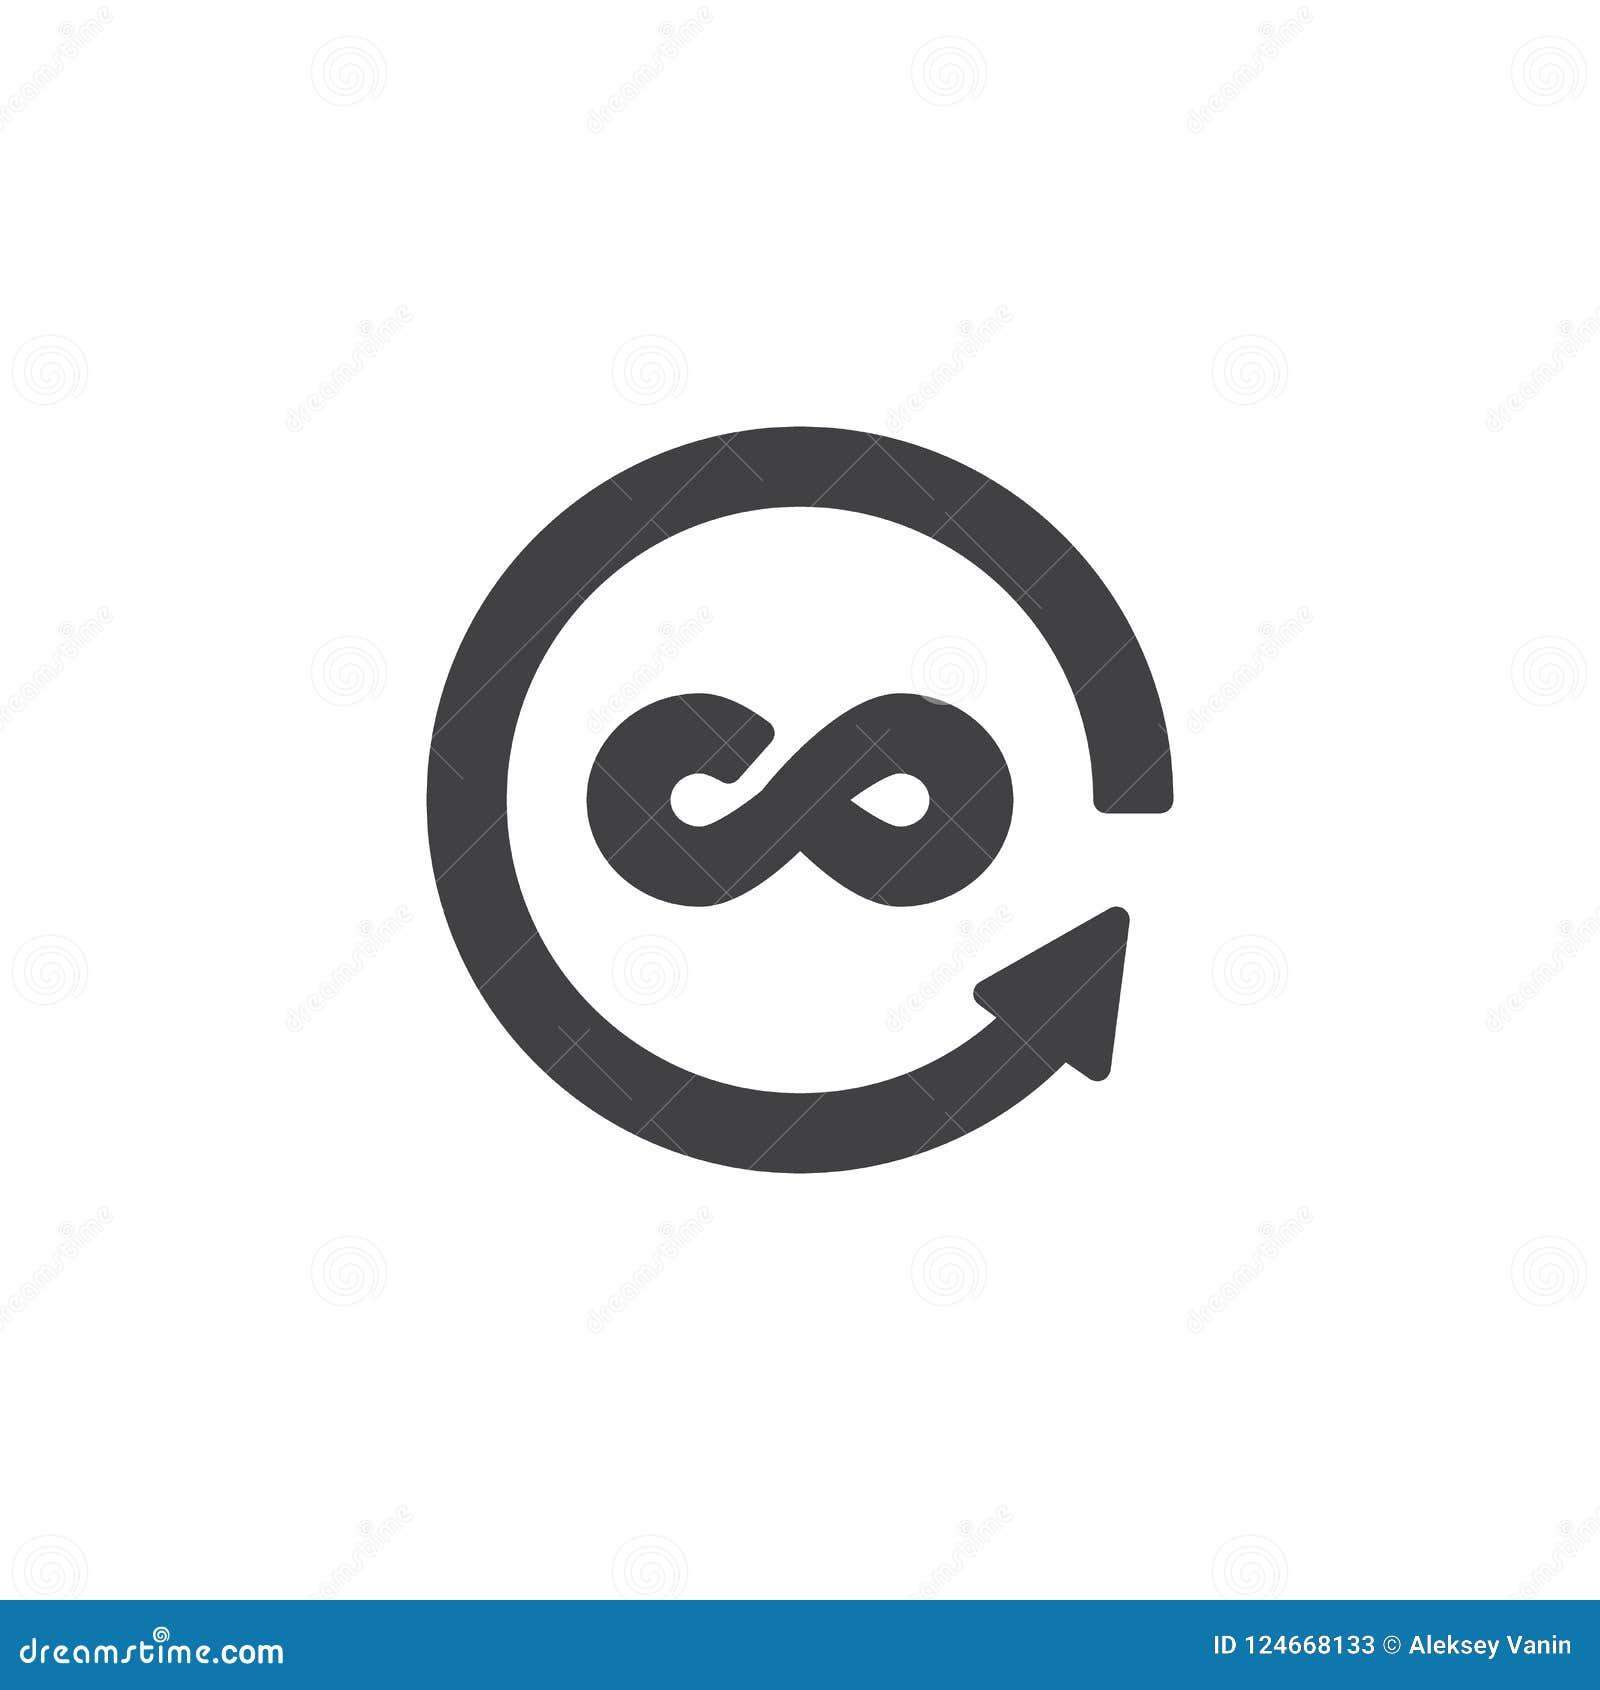 Infinity And Circular Arrows Vector Icon Stock Vector